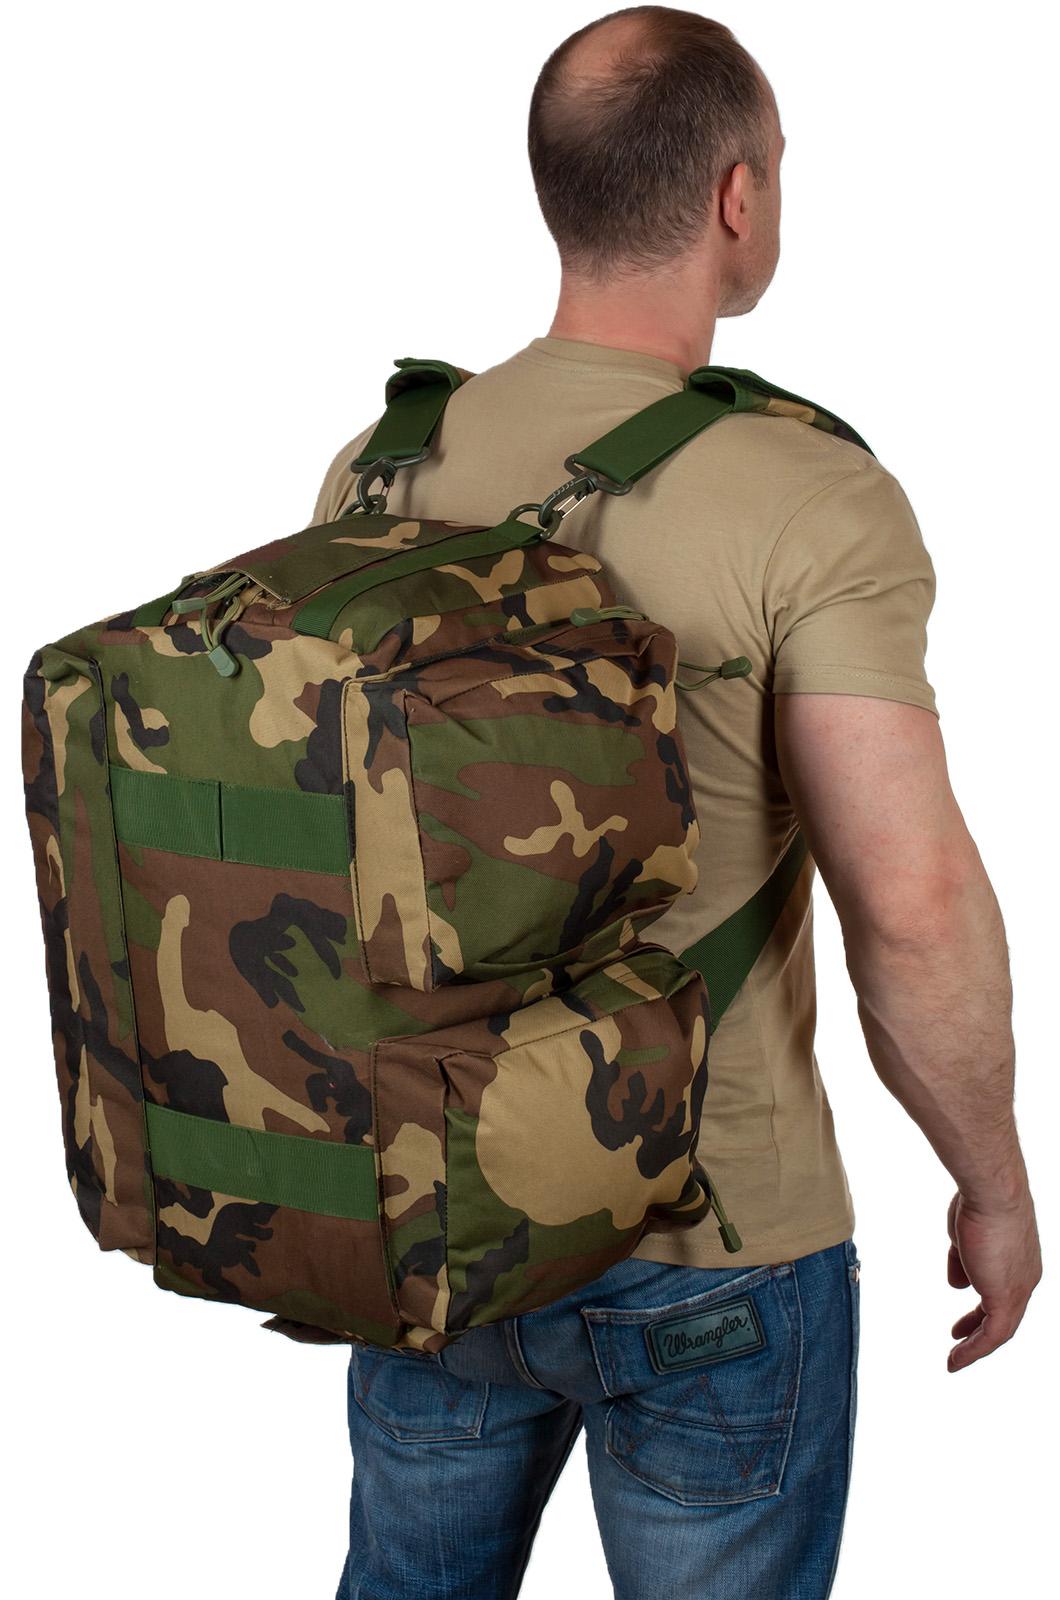 Камуфляжная дорожная сумка с нашивкой ФСБ